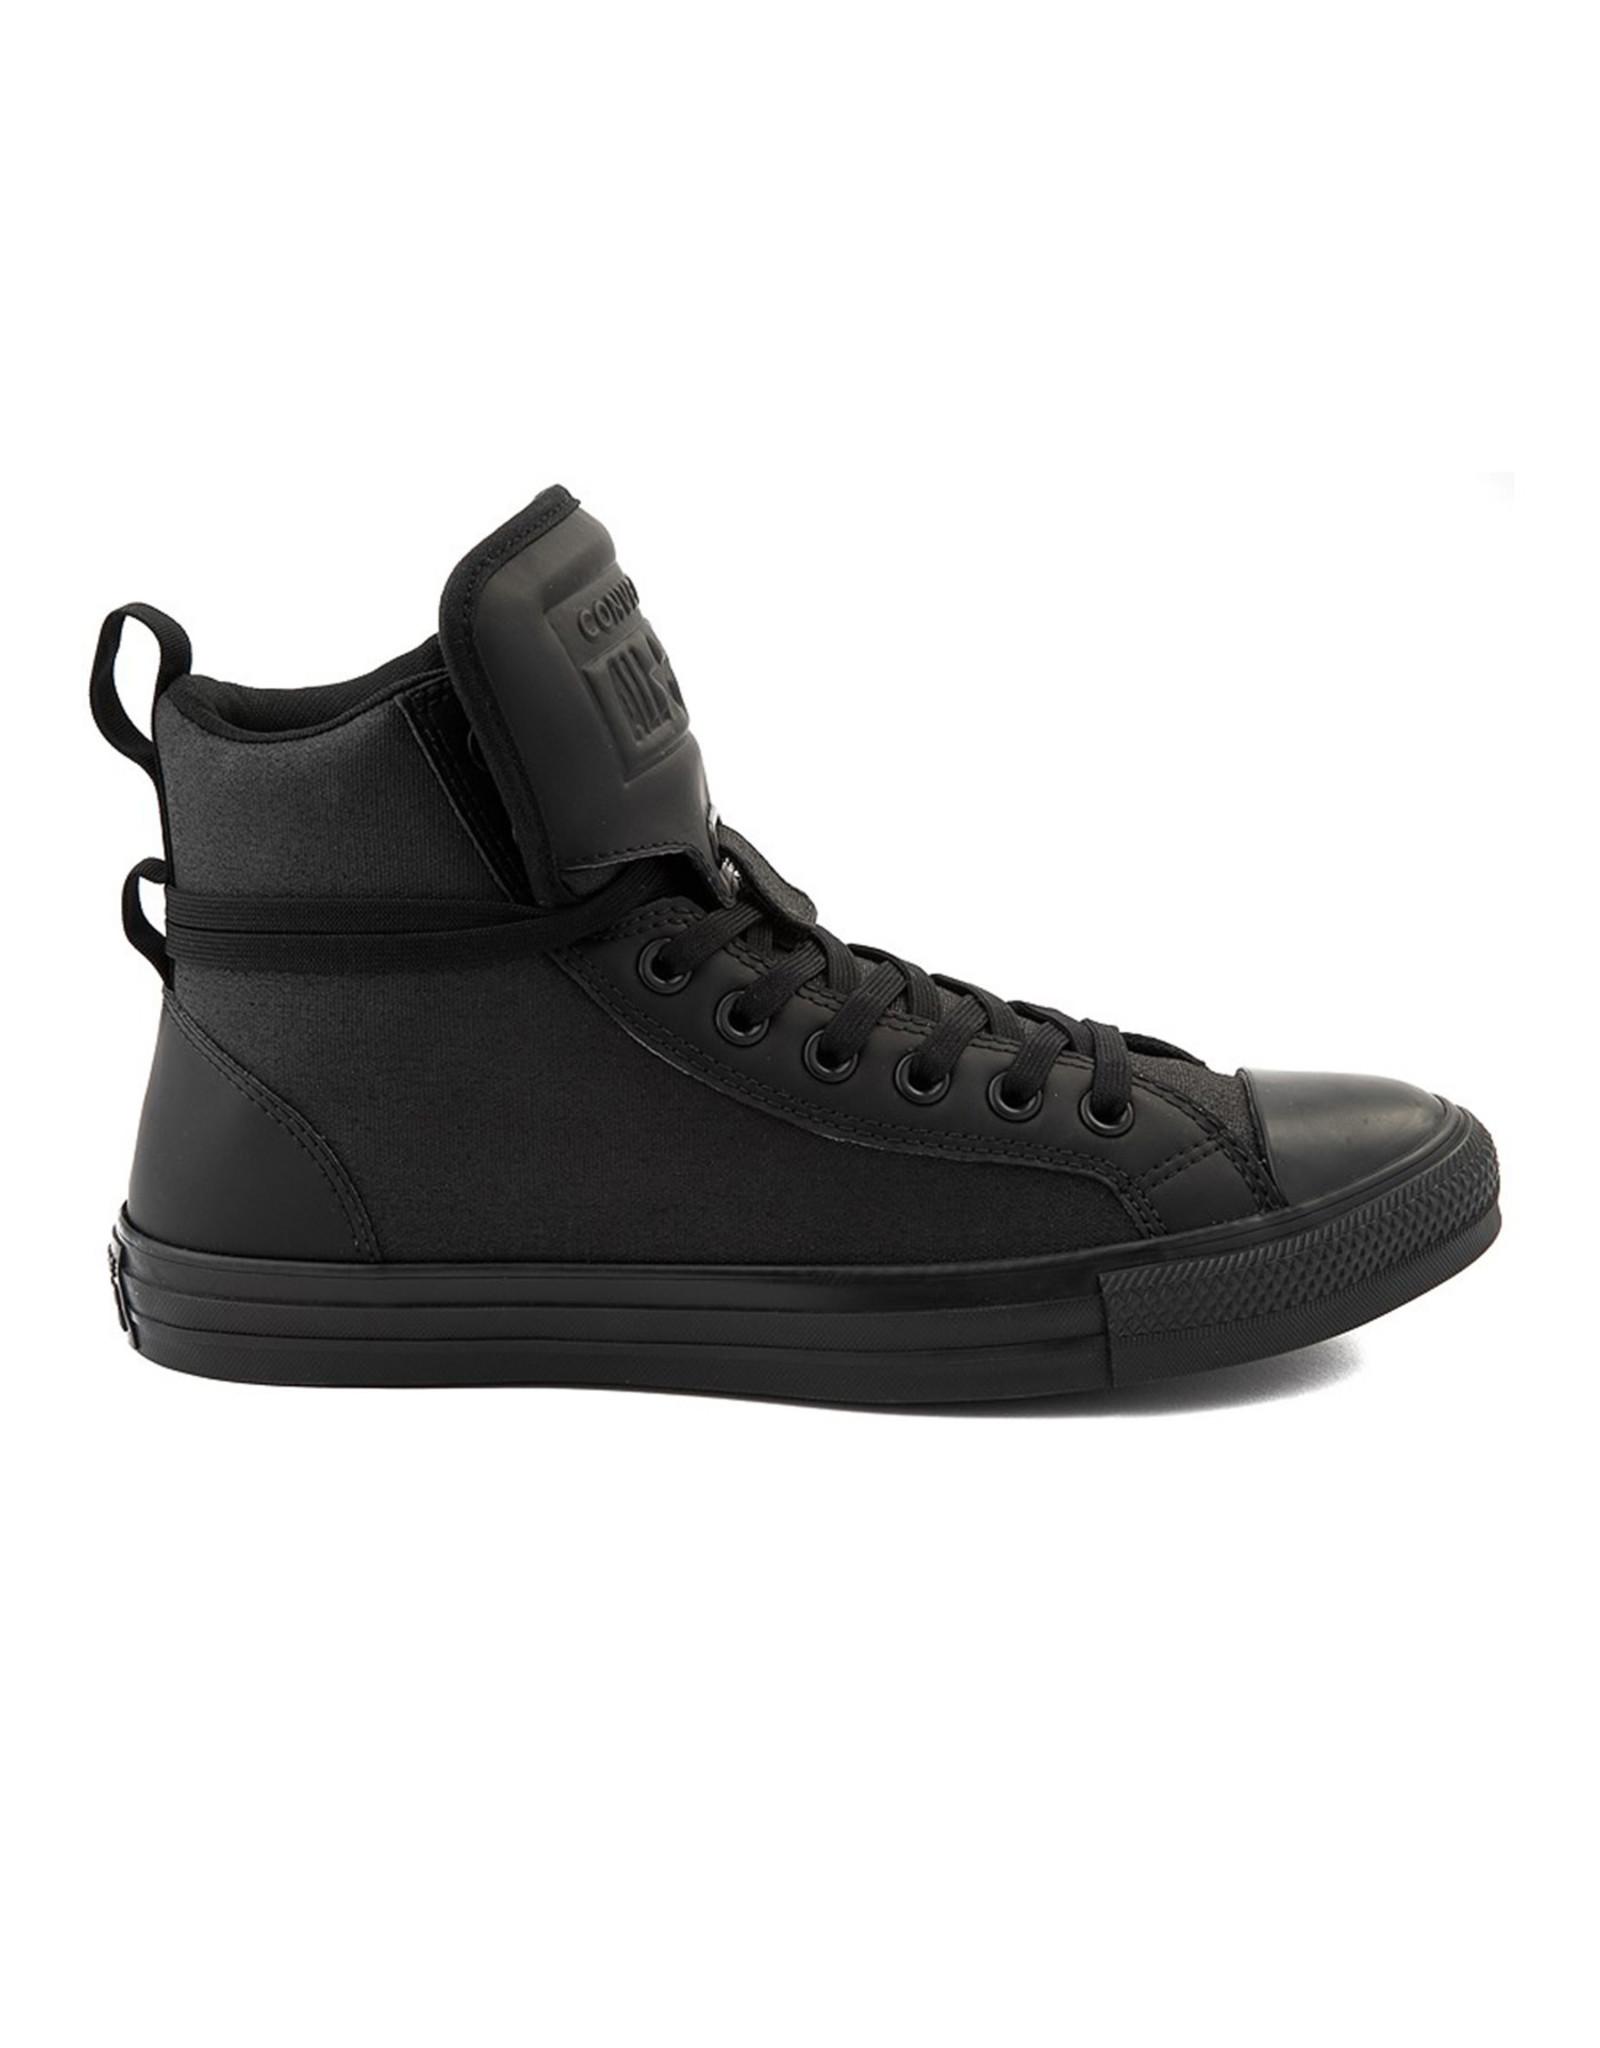 CONVERSE CTAS GUARD HI BLACK/BLACK/BLACK C21GMO-170397C